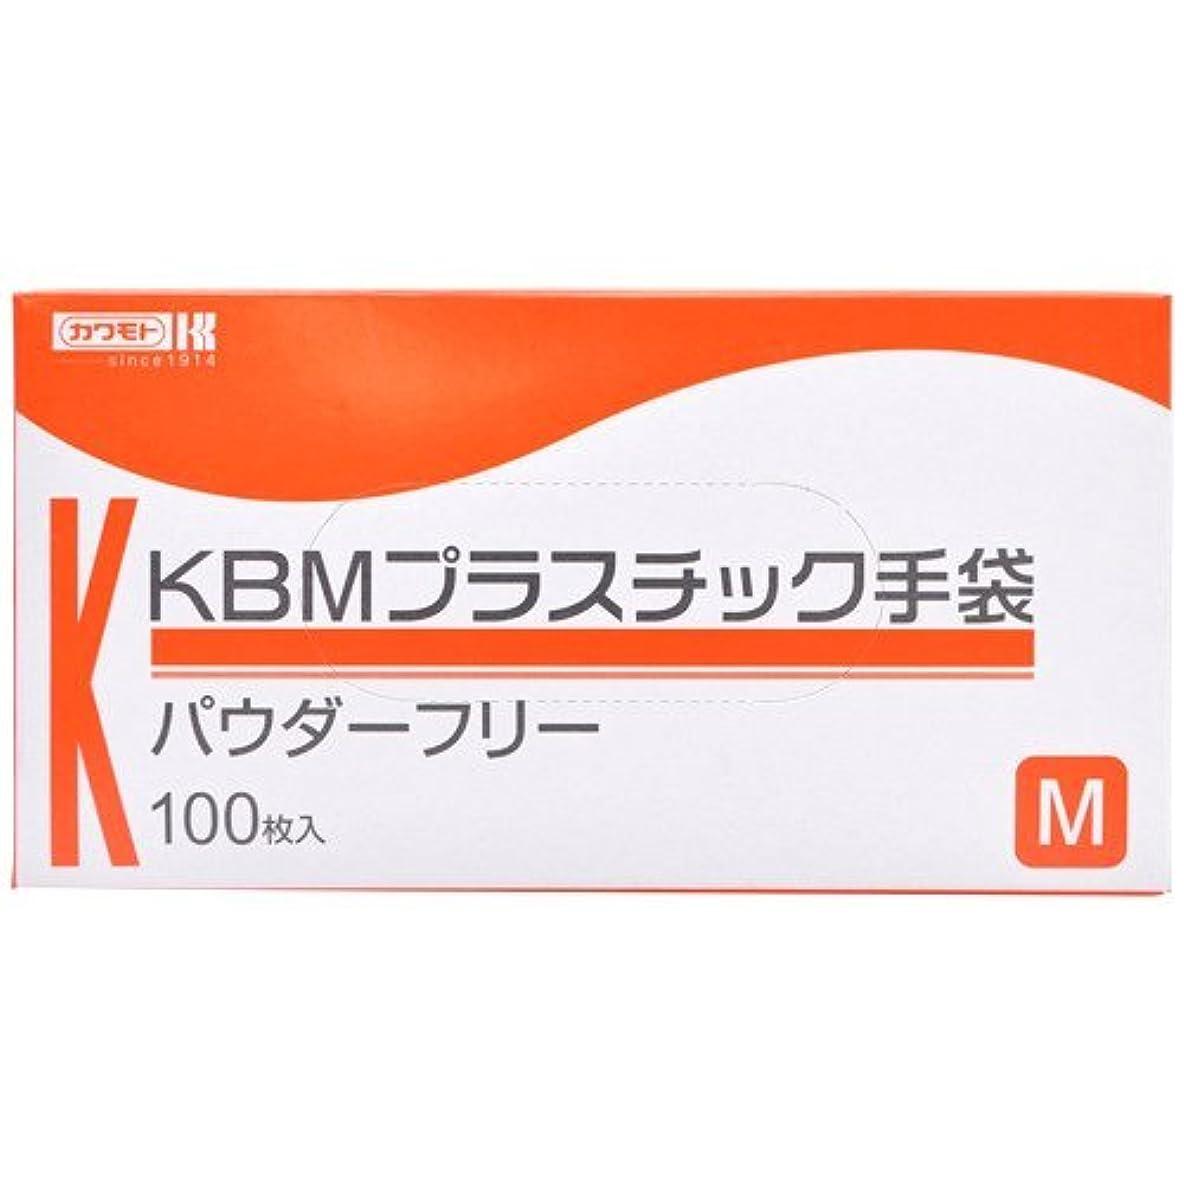 レプリカ貨物フレキシブル川本産業 KBMプラスチック手袋 パウダーフリー M 100枚入